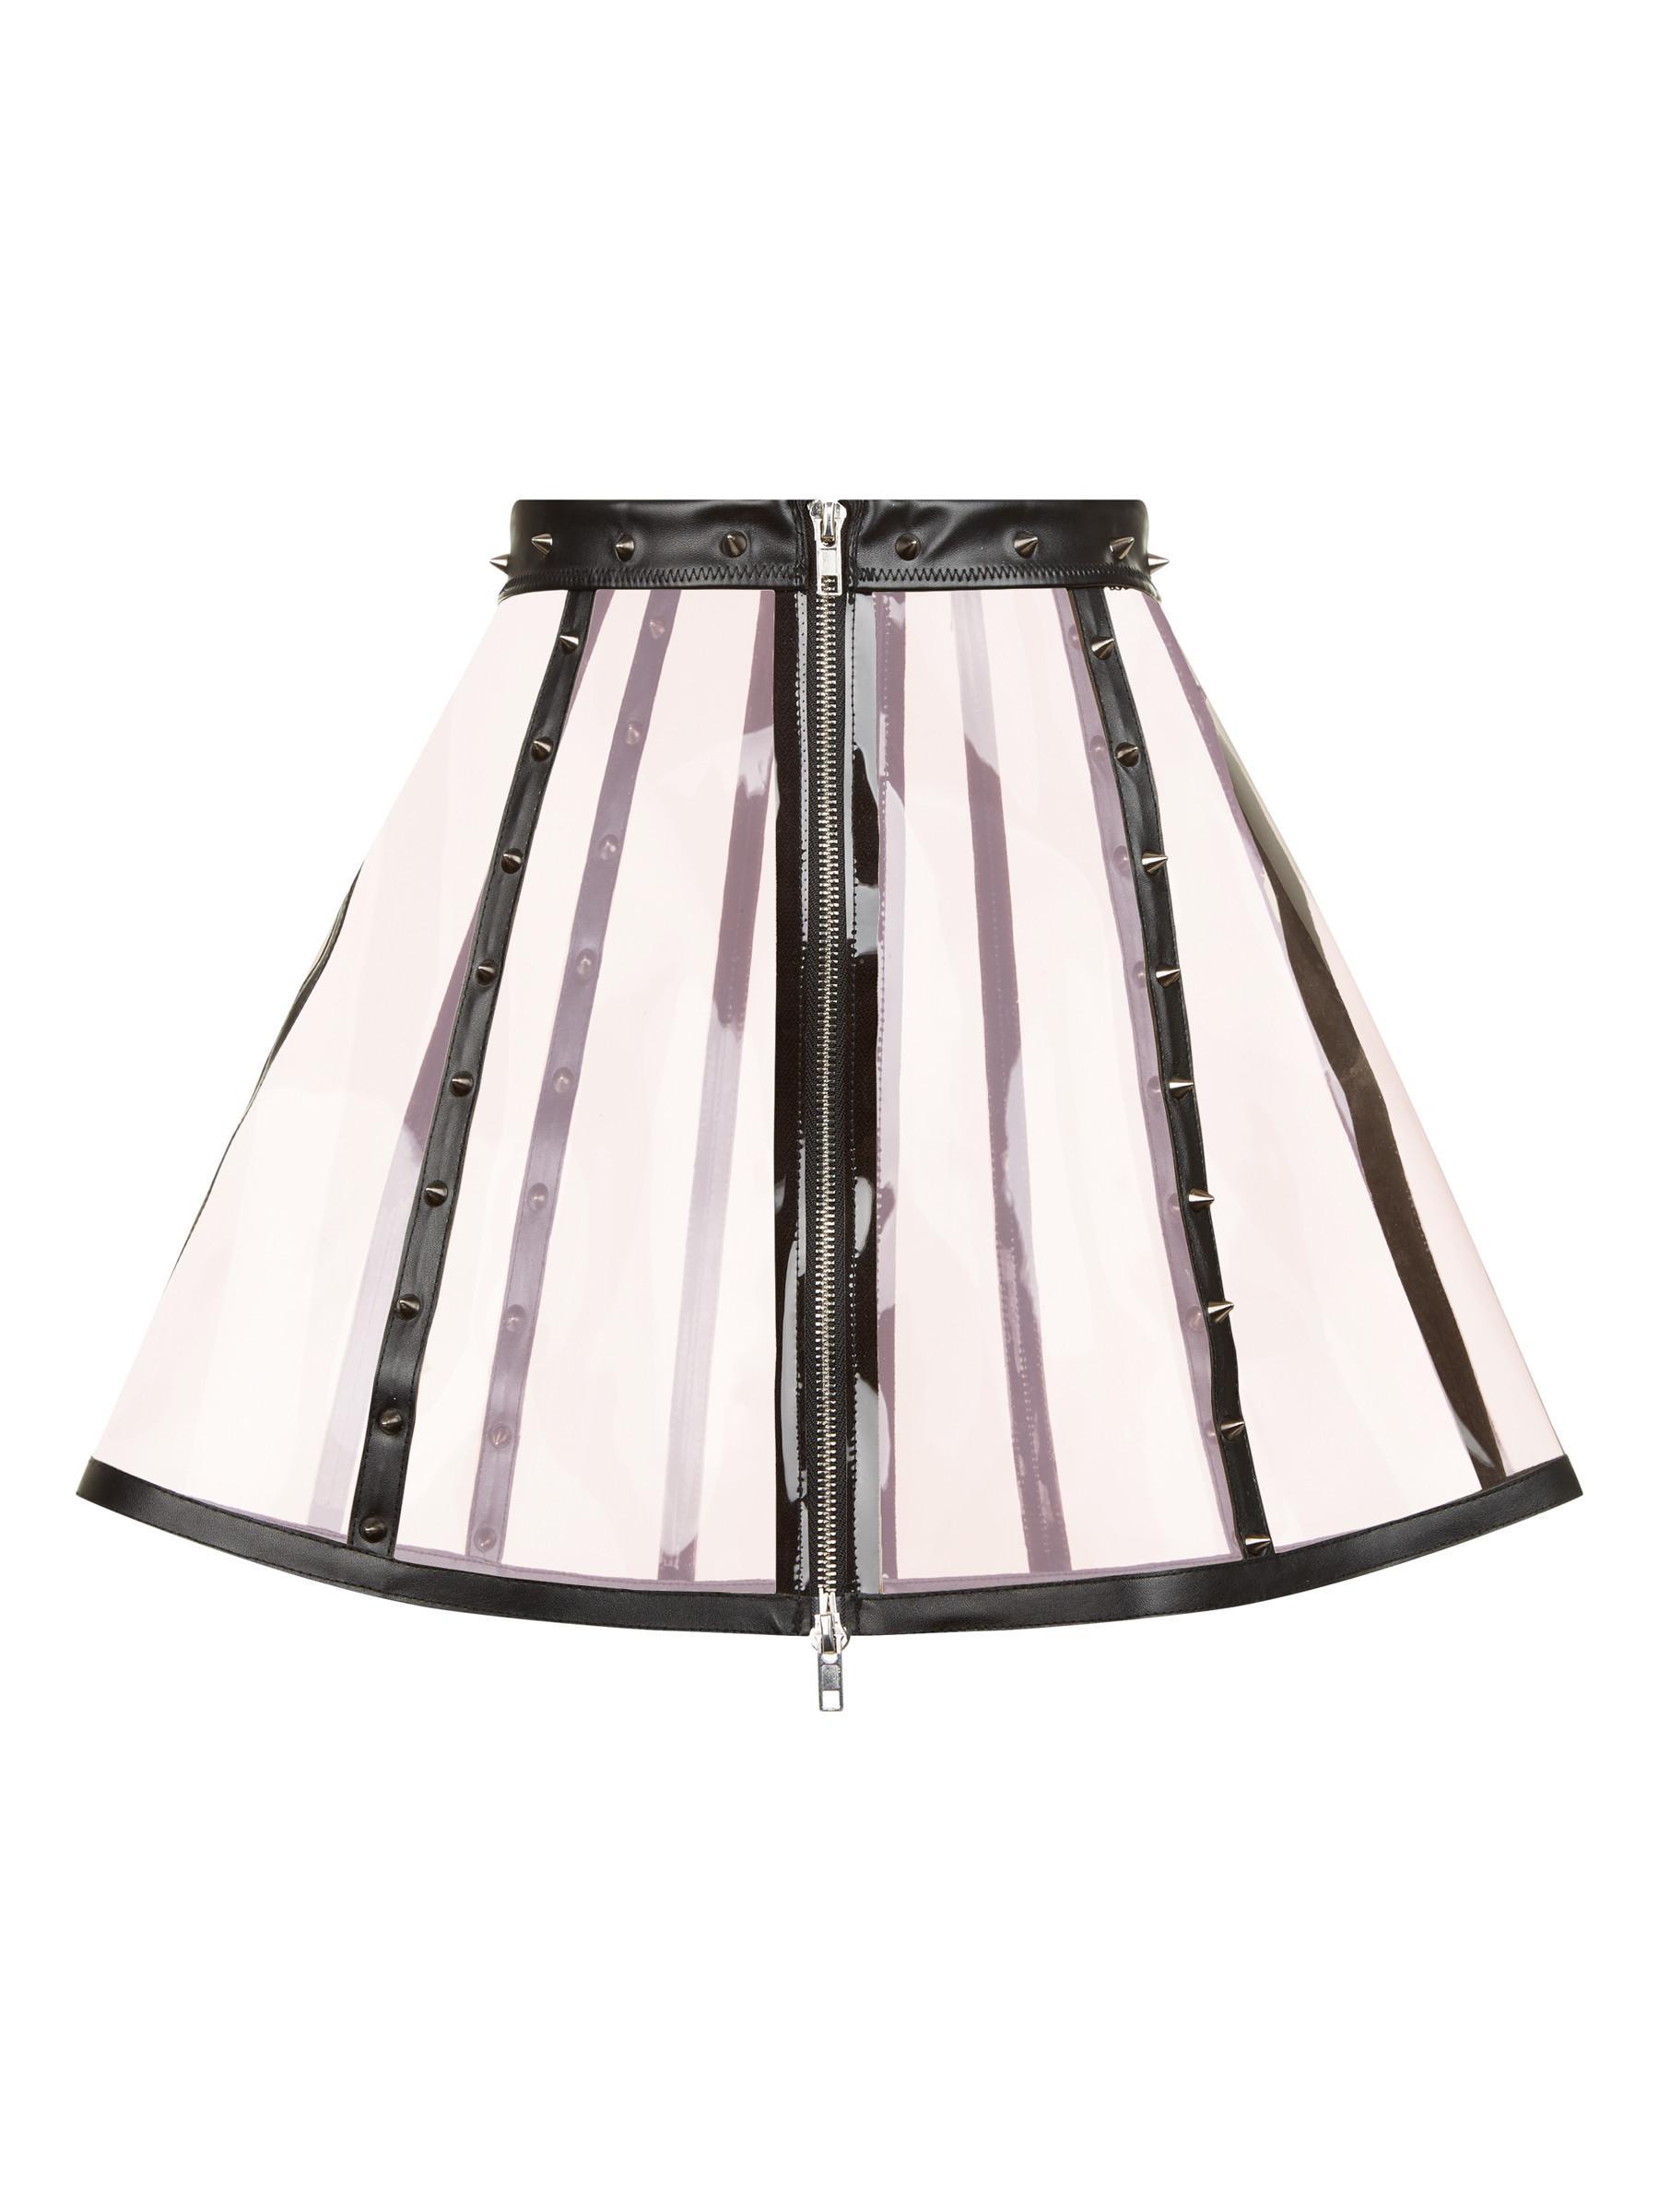 Image result for ann summer kyoto skirt